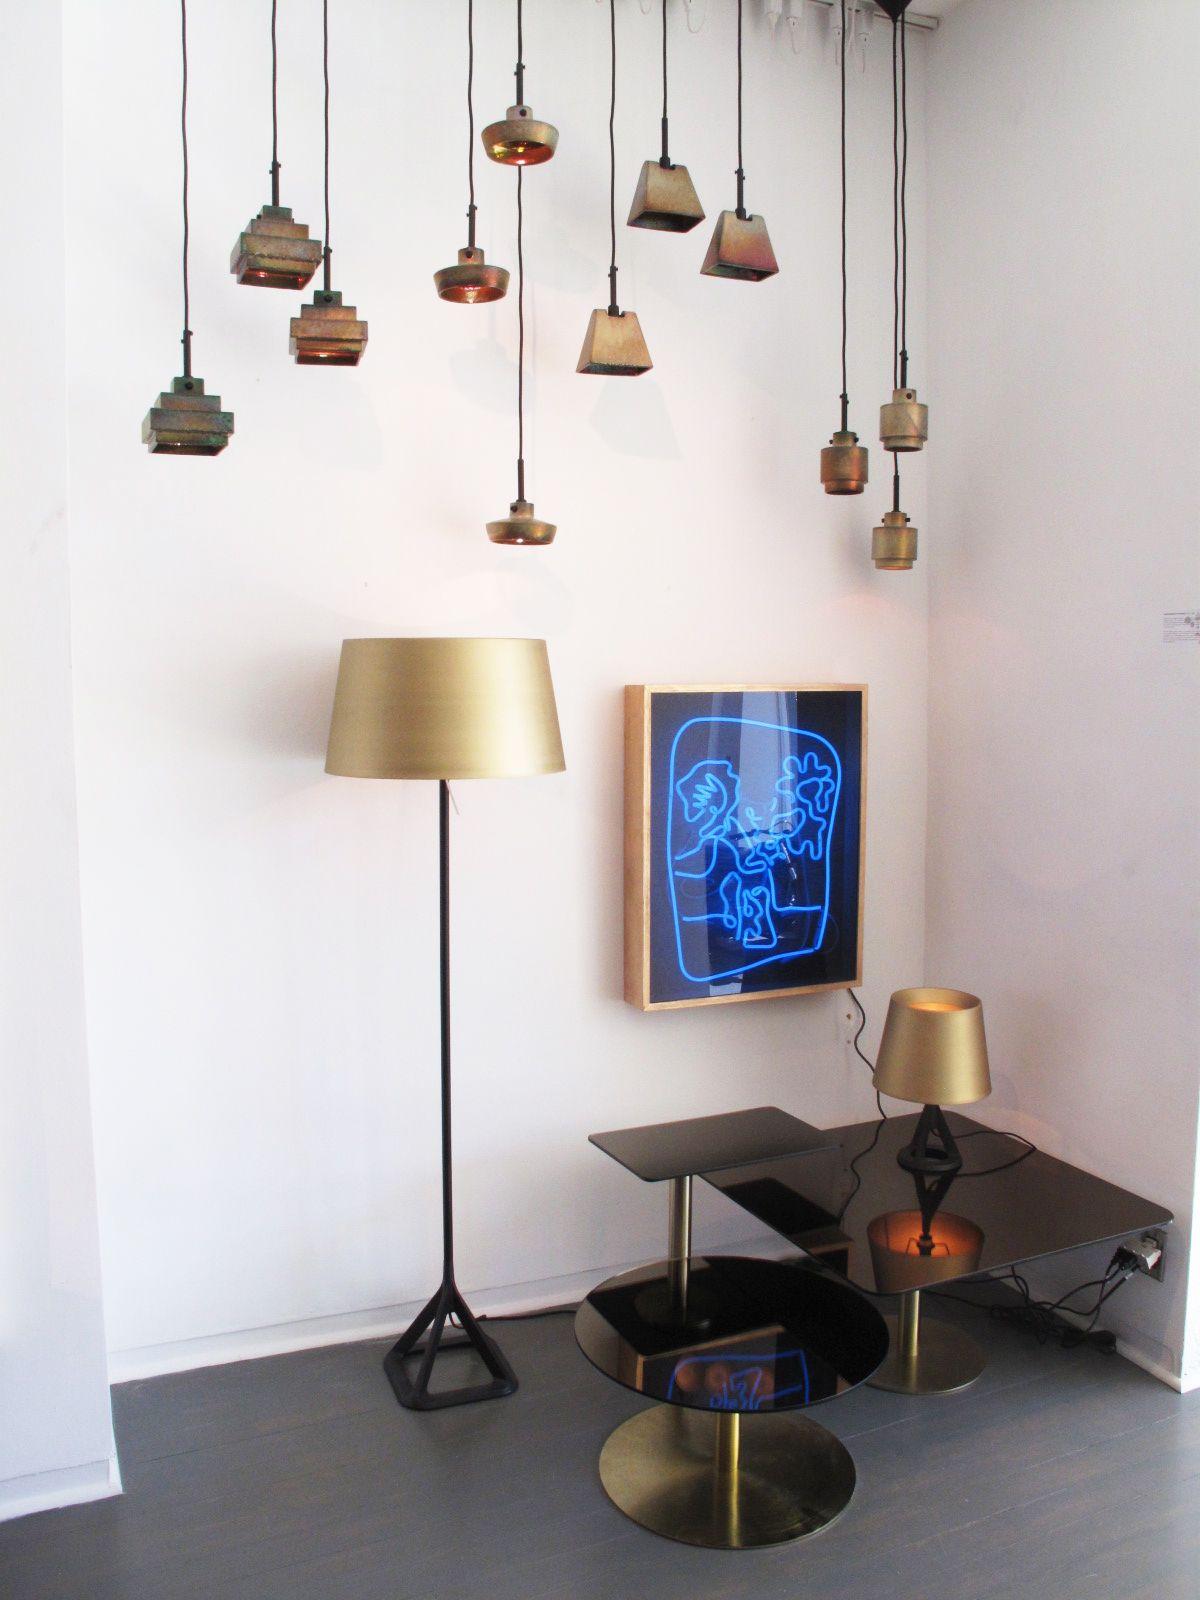 new pendant lighting. New Lustre Pendant Lights - Tom DixonStudio. Lighting D